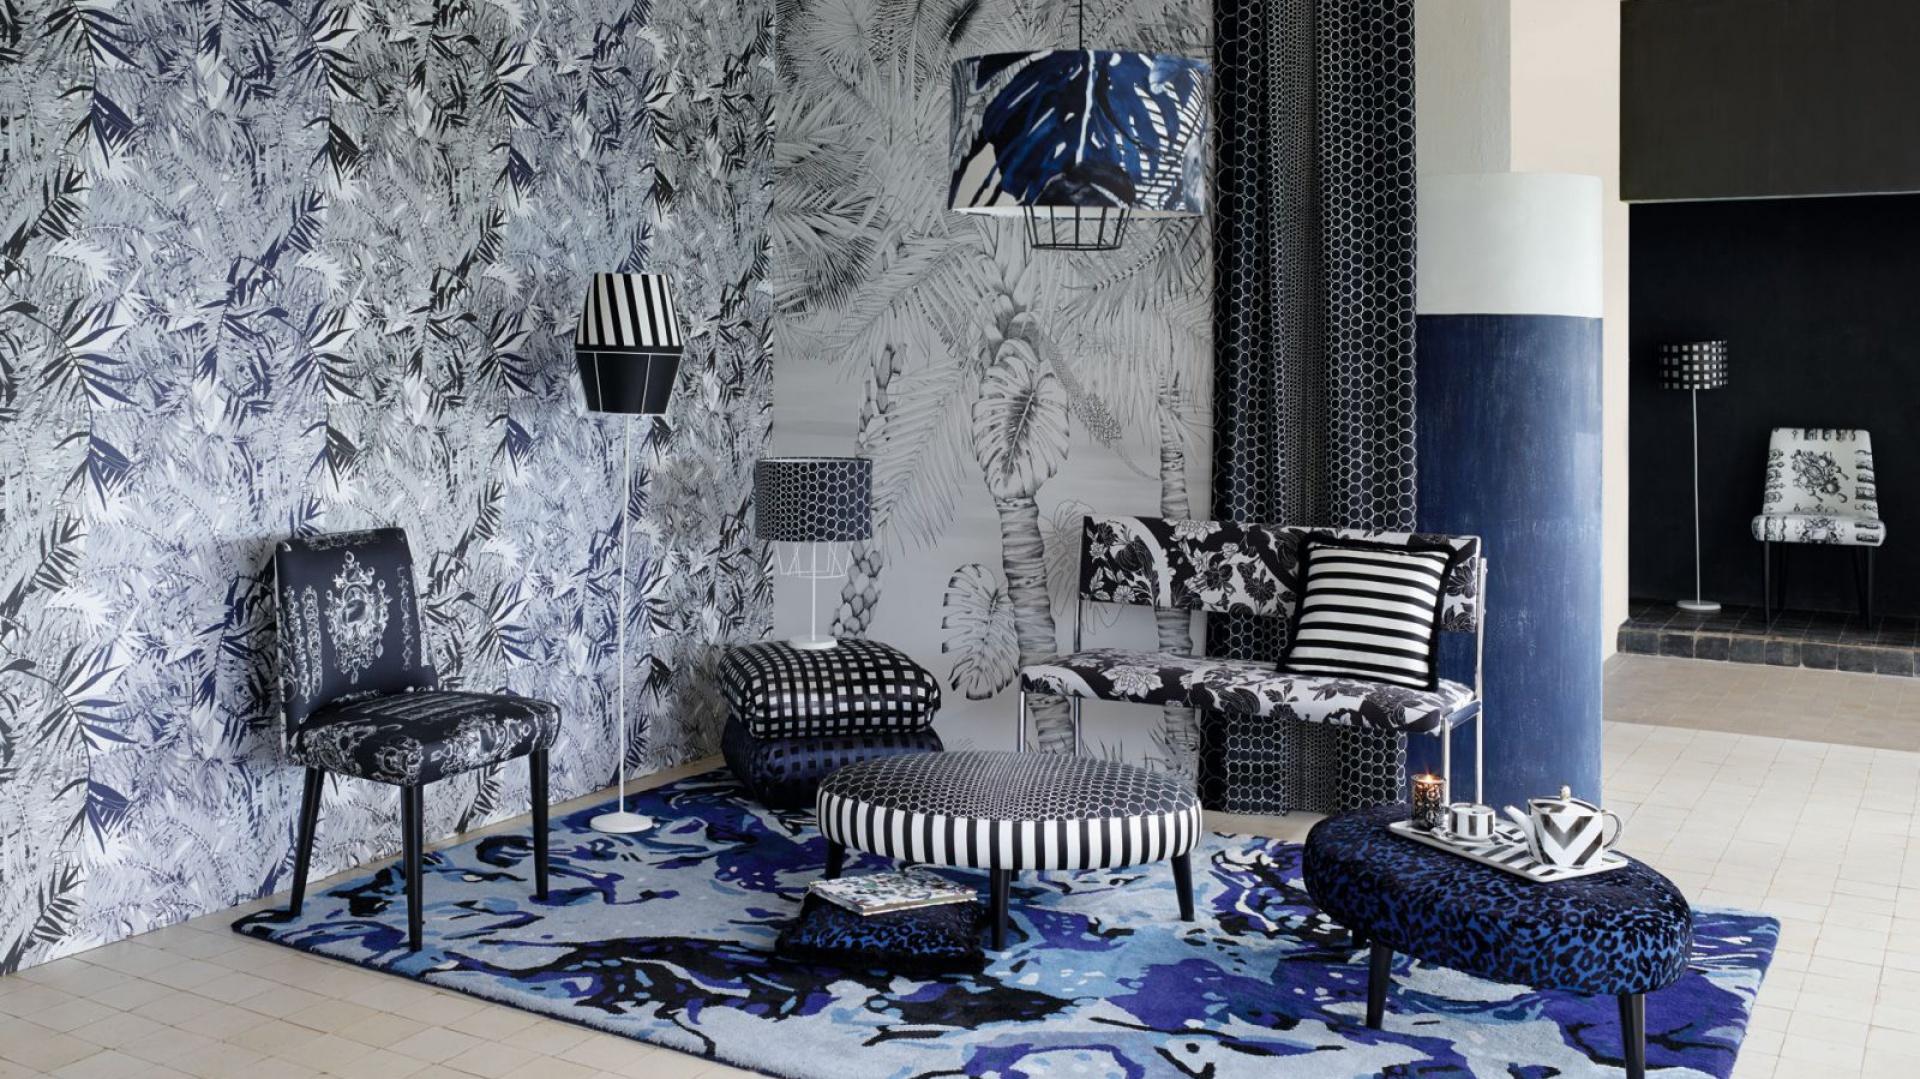 Najnowsza kolekcja Lacroix Belle Rives z 2014 r., zawierająca m.in. tkaniny obiciowe i tapety. Fot. Christian Lacroix.